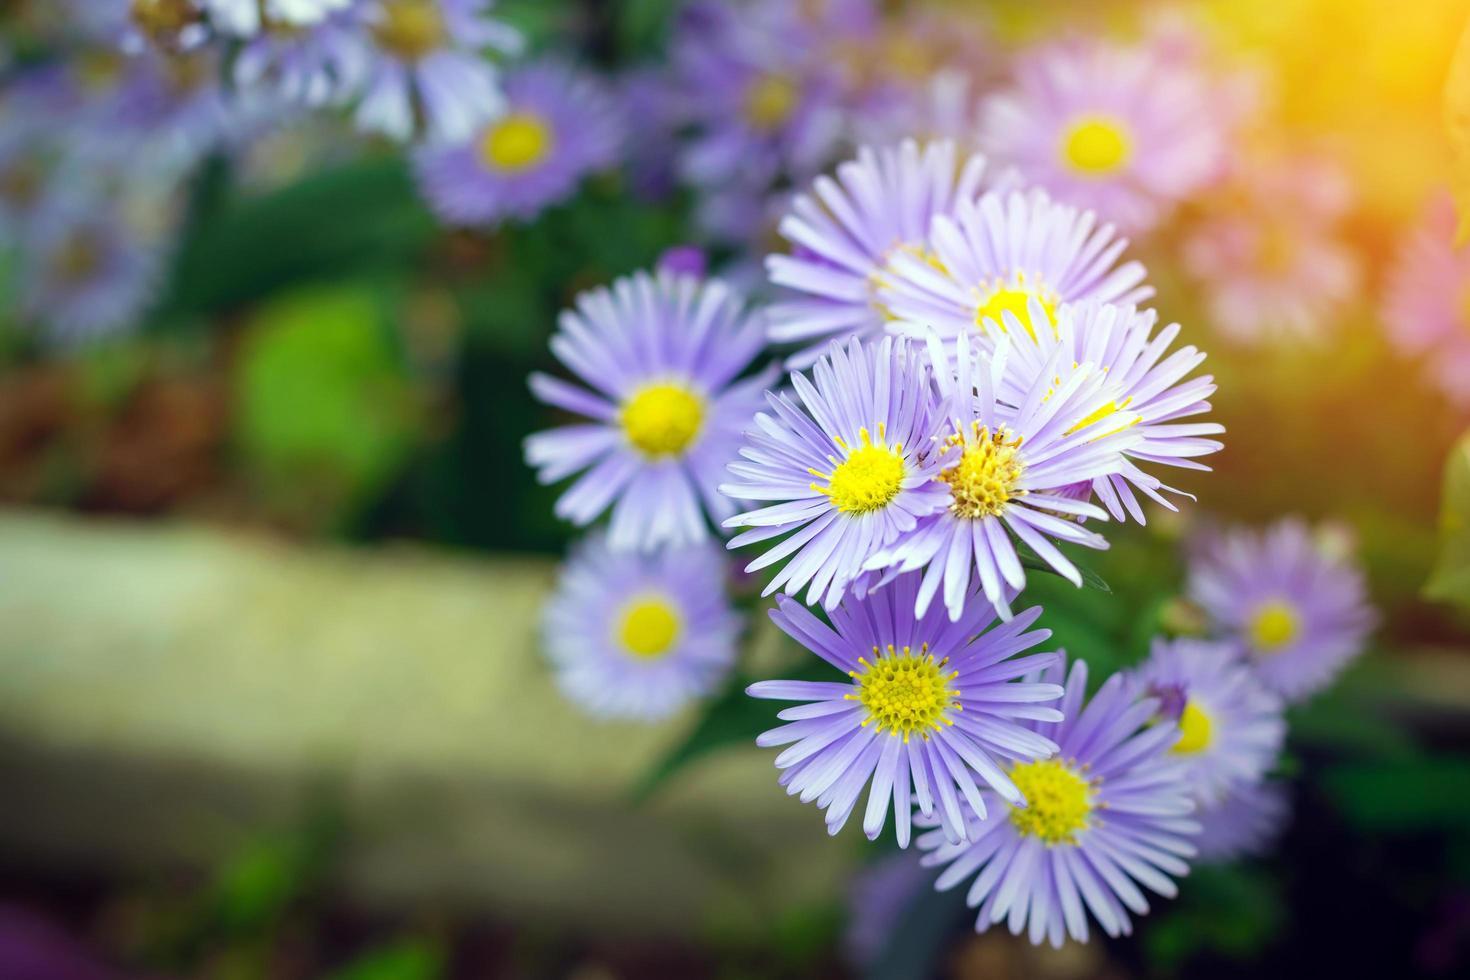 fleurs de margaret pourpre photo